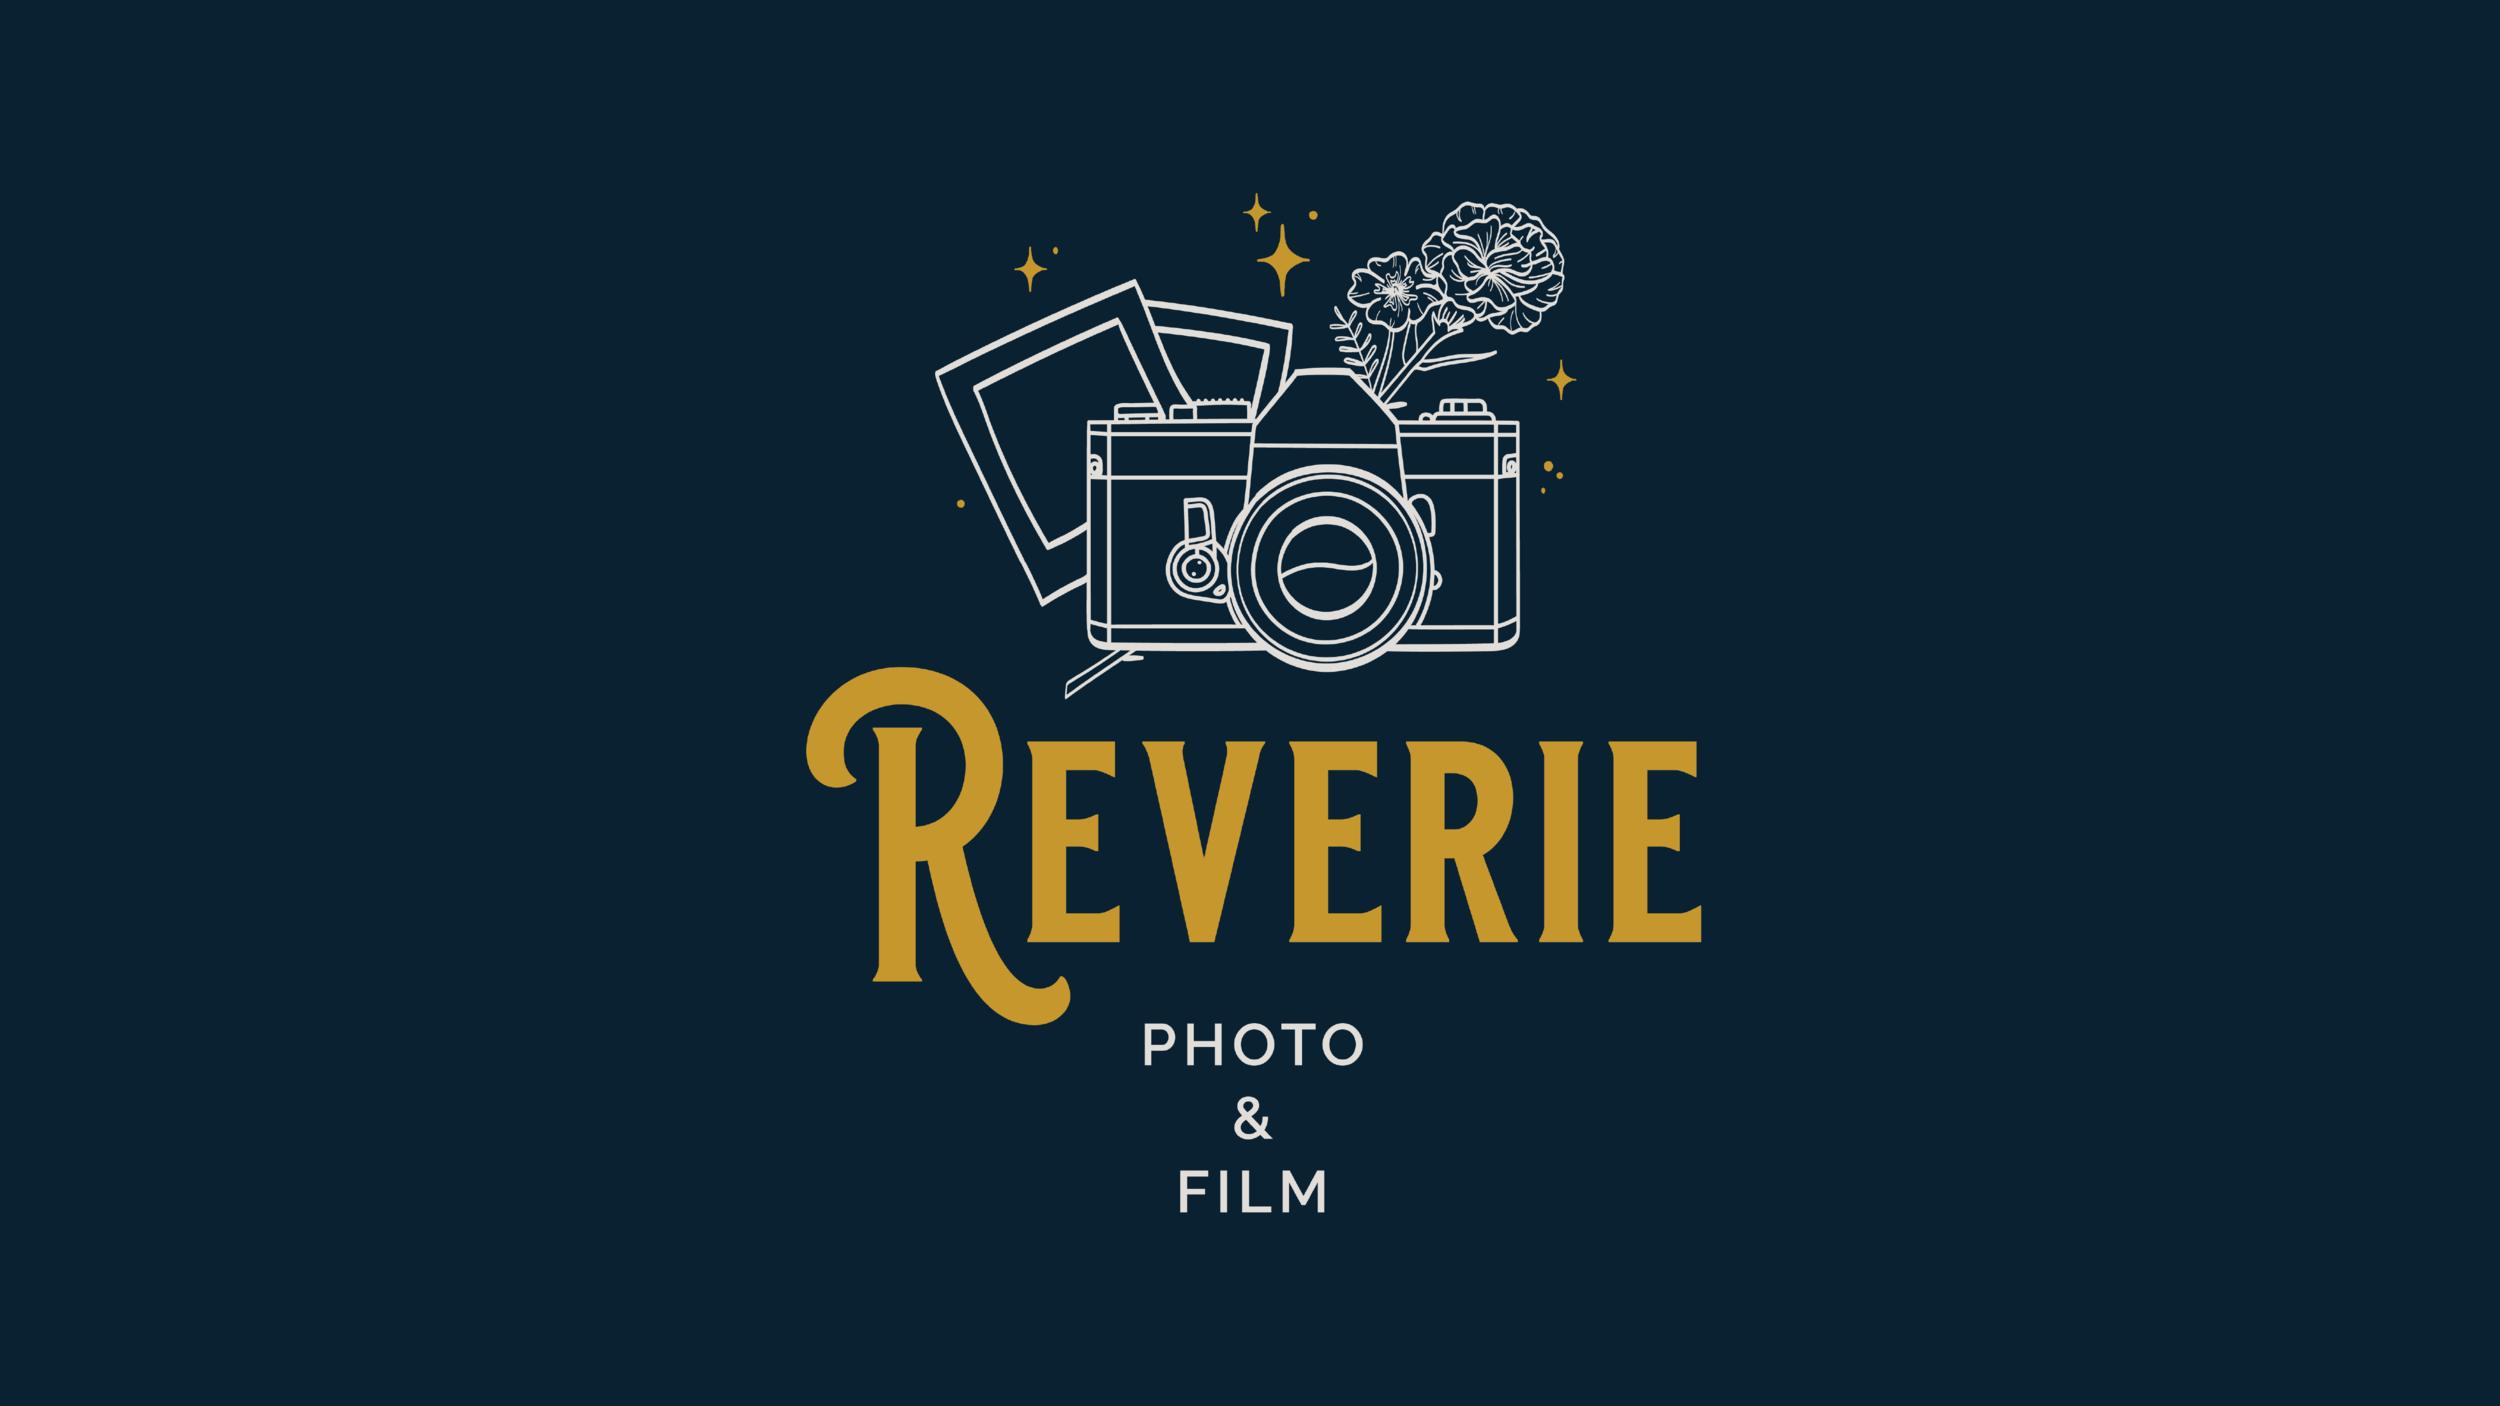 Reverie_Portfolio_HeaderImage.png